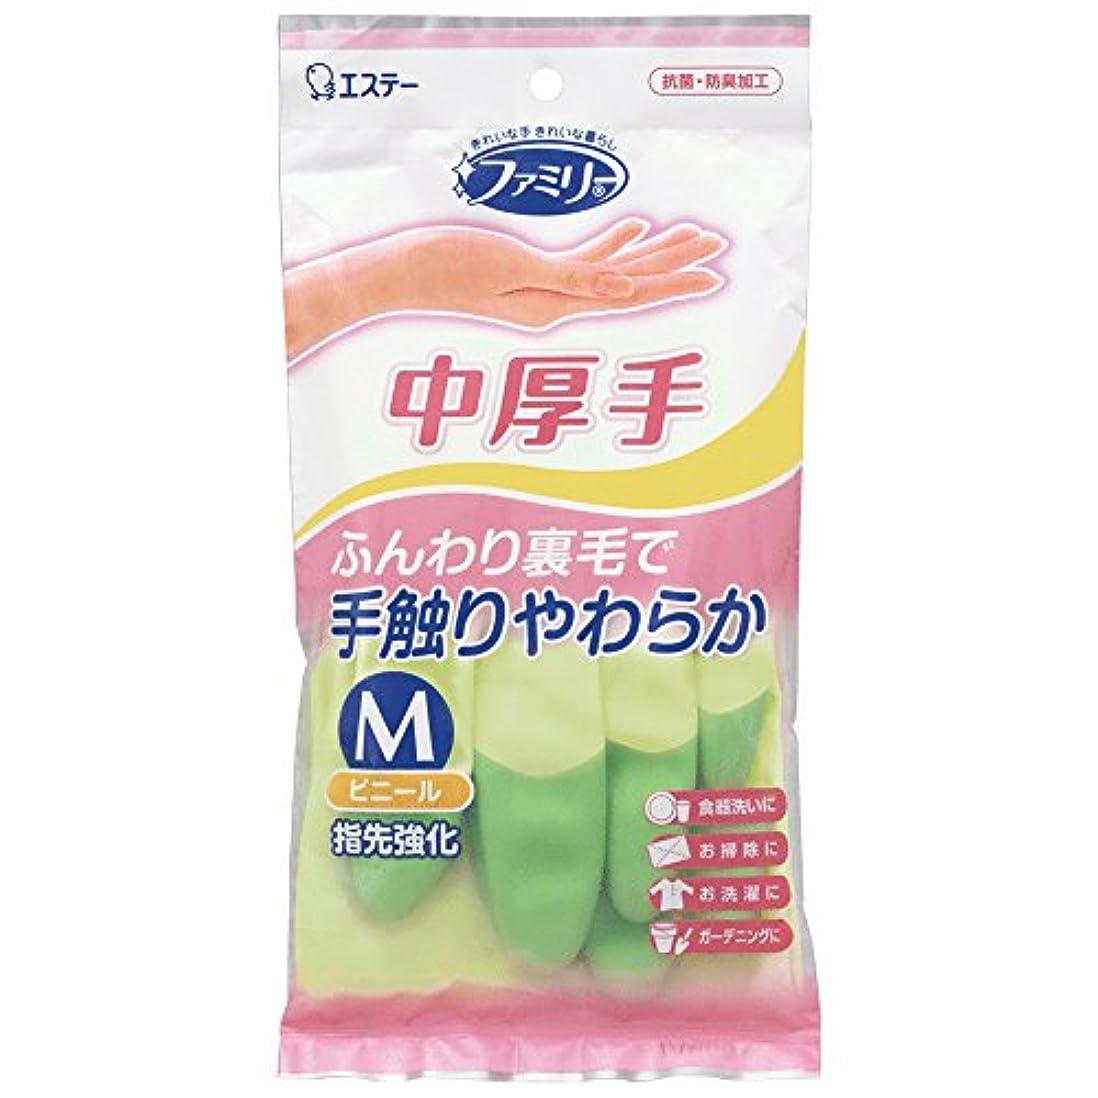 ファミリー ビニール 手袋 中厚手 指先強化 炊事?掃除用 Mサイズ グリーン